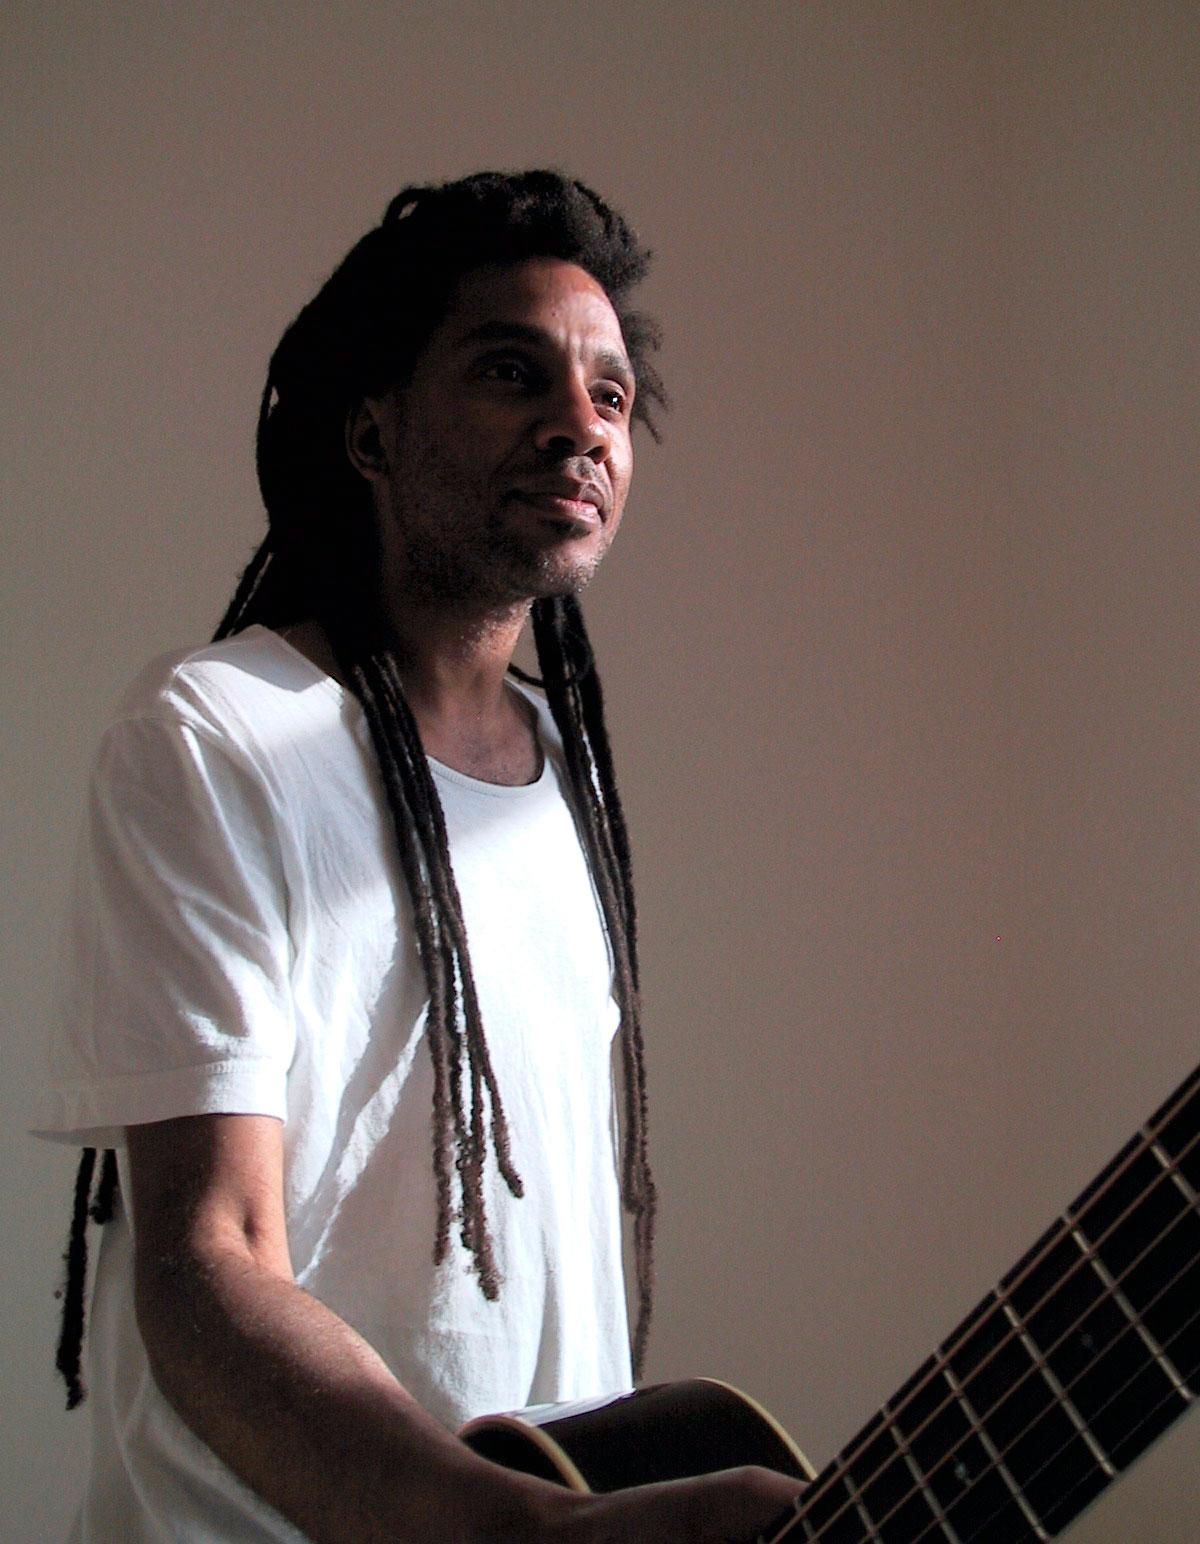 portrait-ronmiles-guitarist-OP.jpg